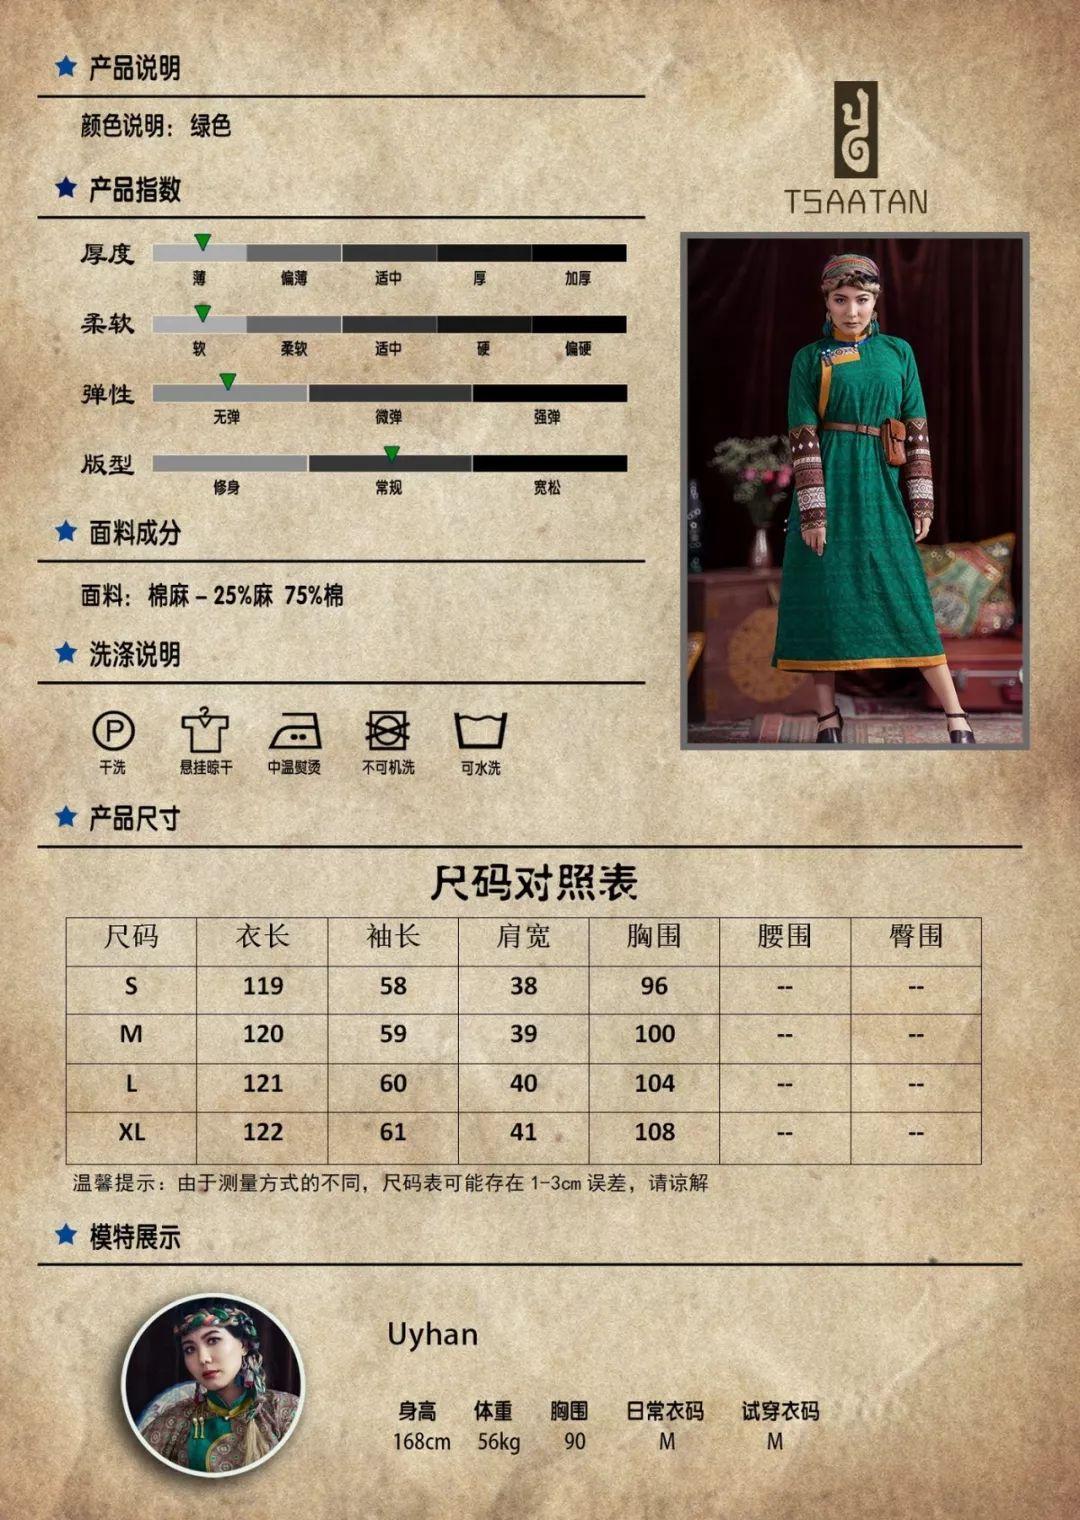 TSAATAN蒙古时装 2019新款,来自驯鹿人的独特魅力! 第58张